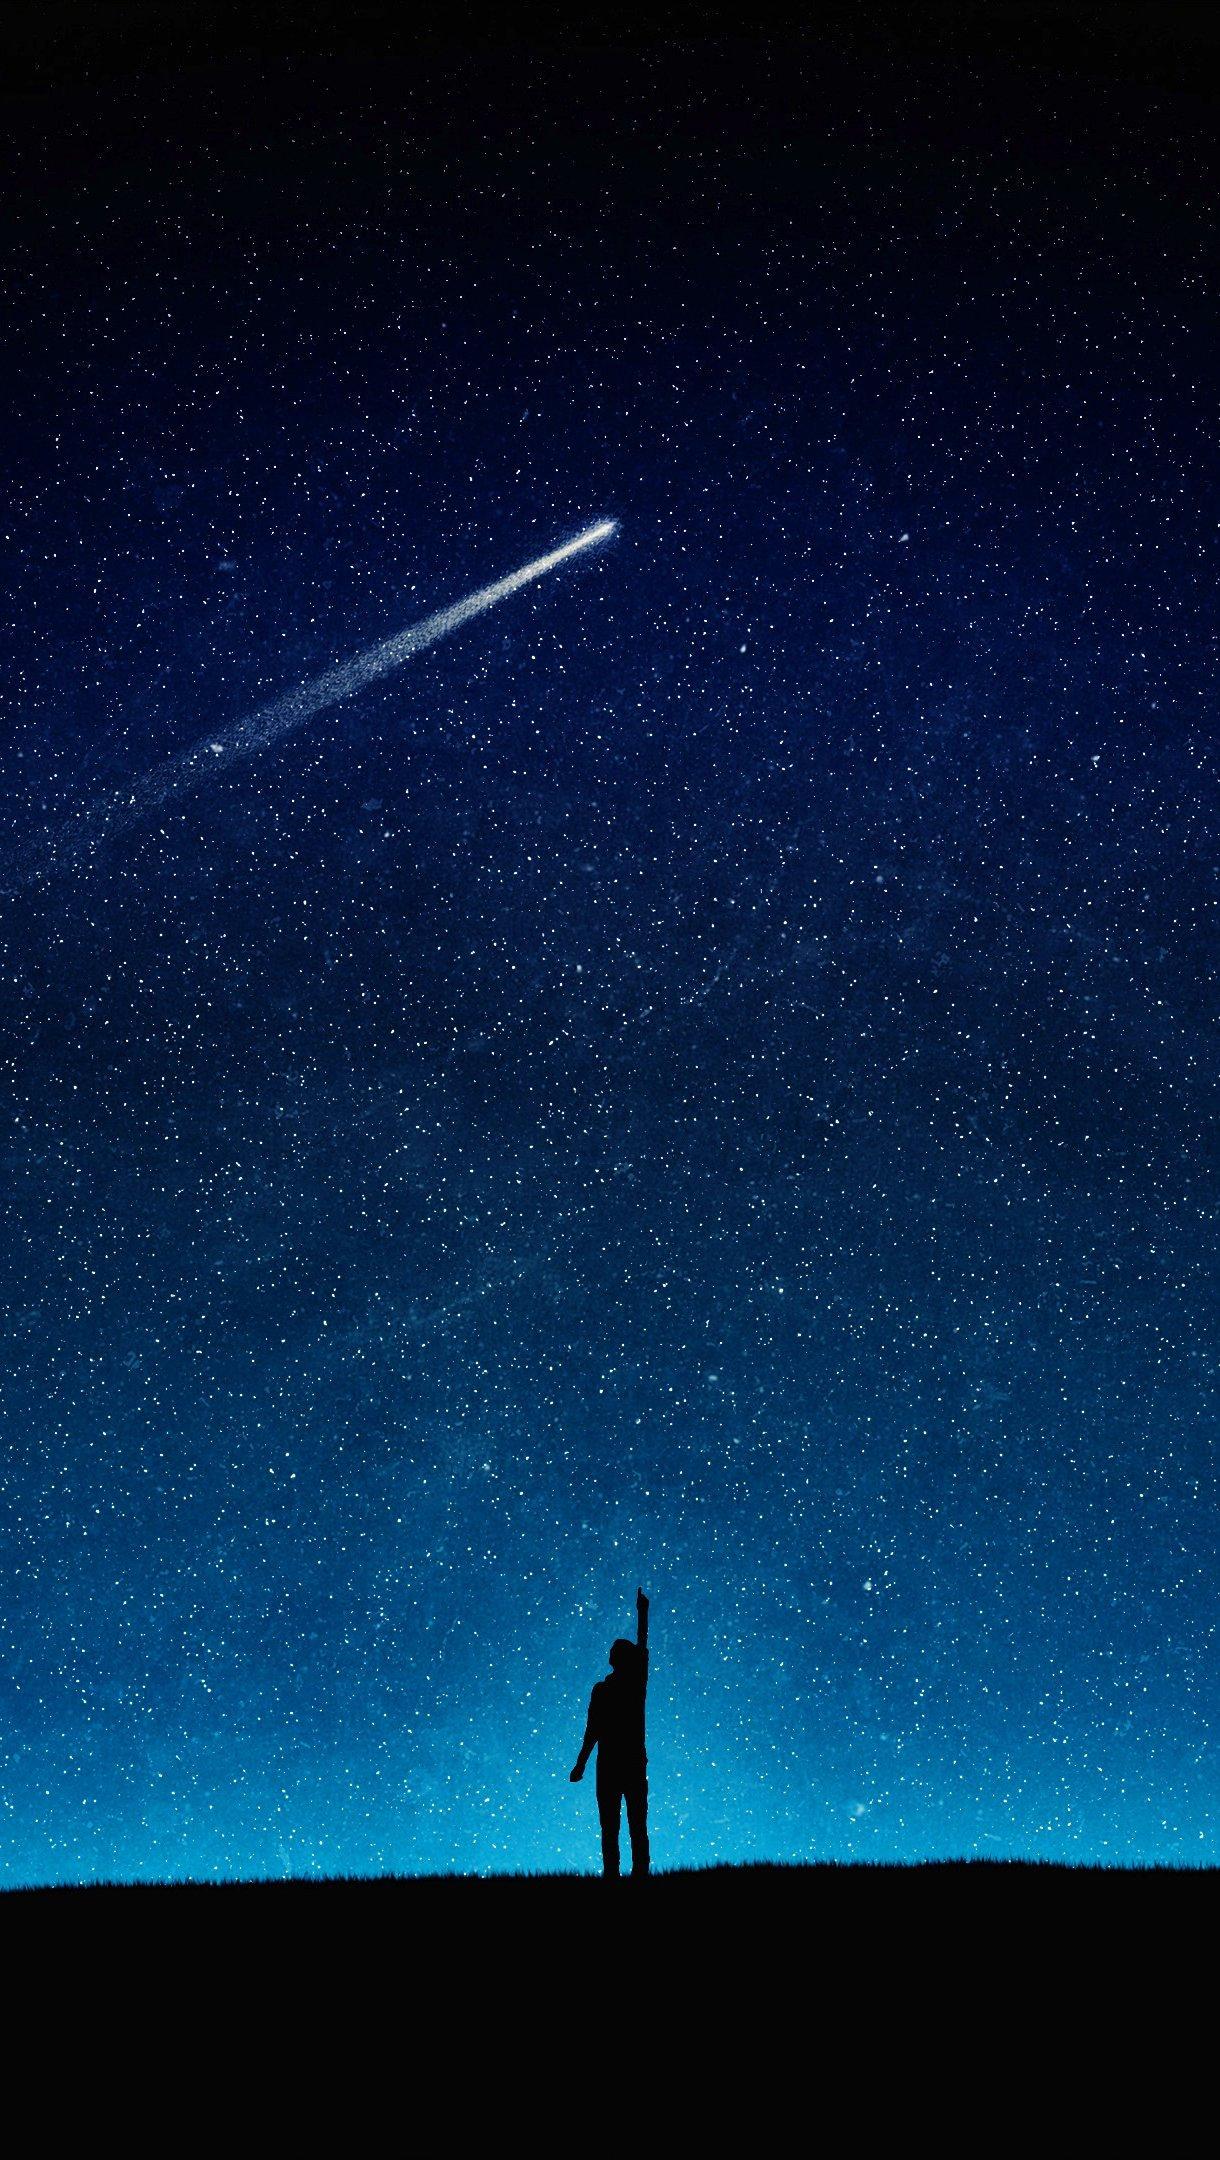 Fondos de pantalla Noche cielo estrellas y cometa Vertical